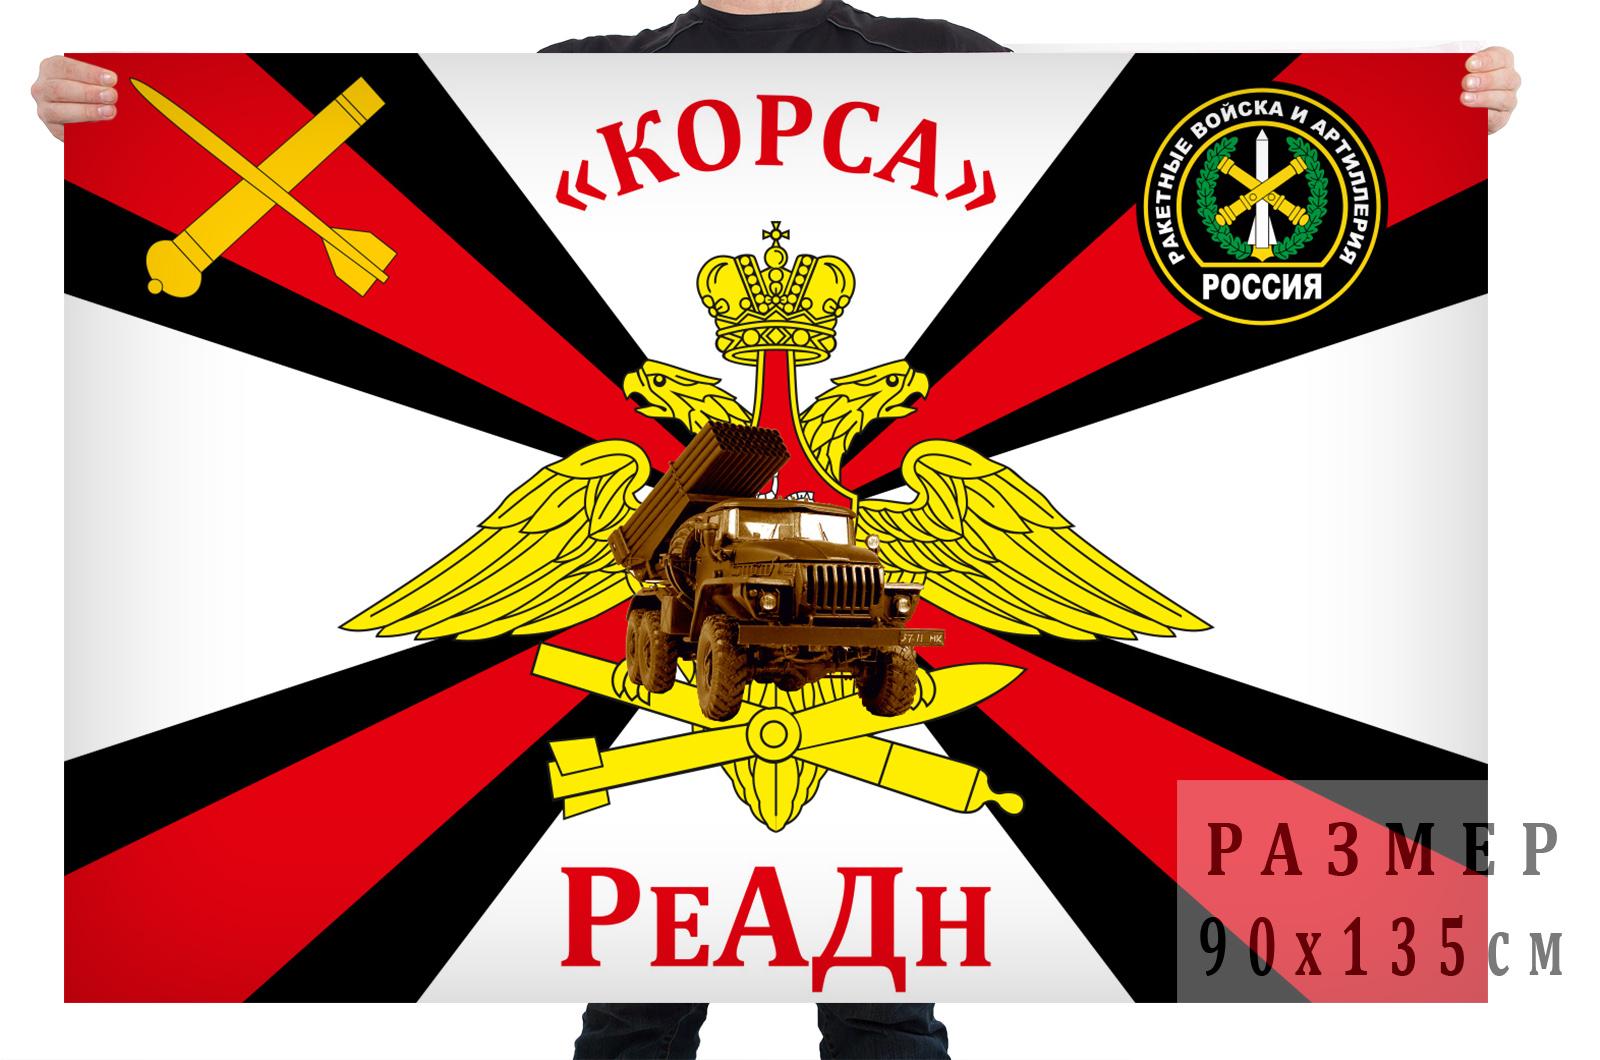 Флаг РВиА РеАДн «Корса»